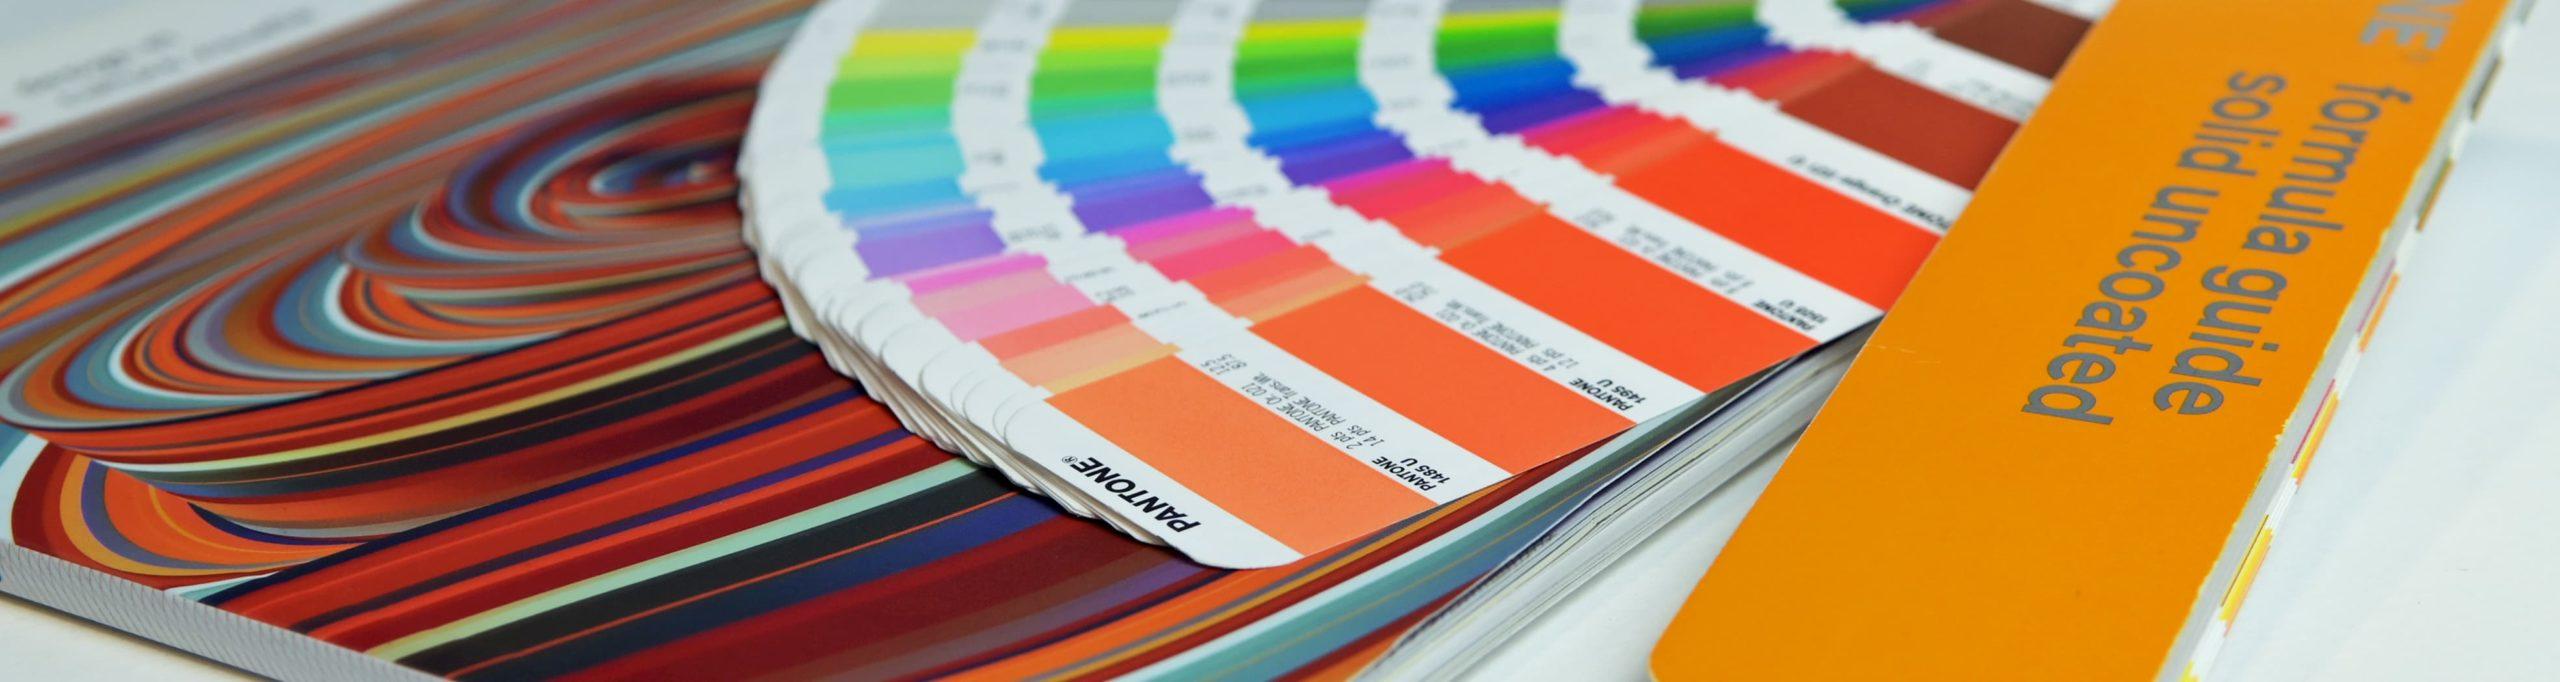 Agence de communication print : dépliant, brochure, catalogue produit...